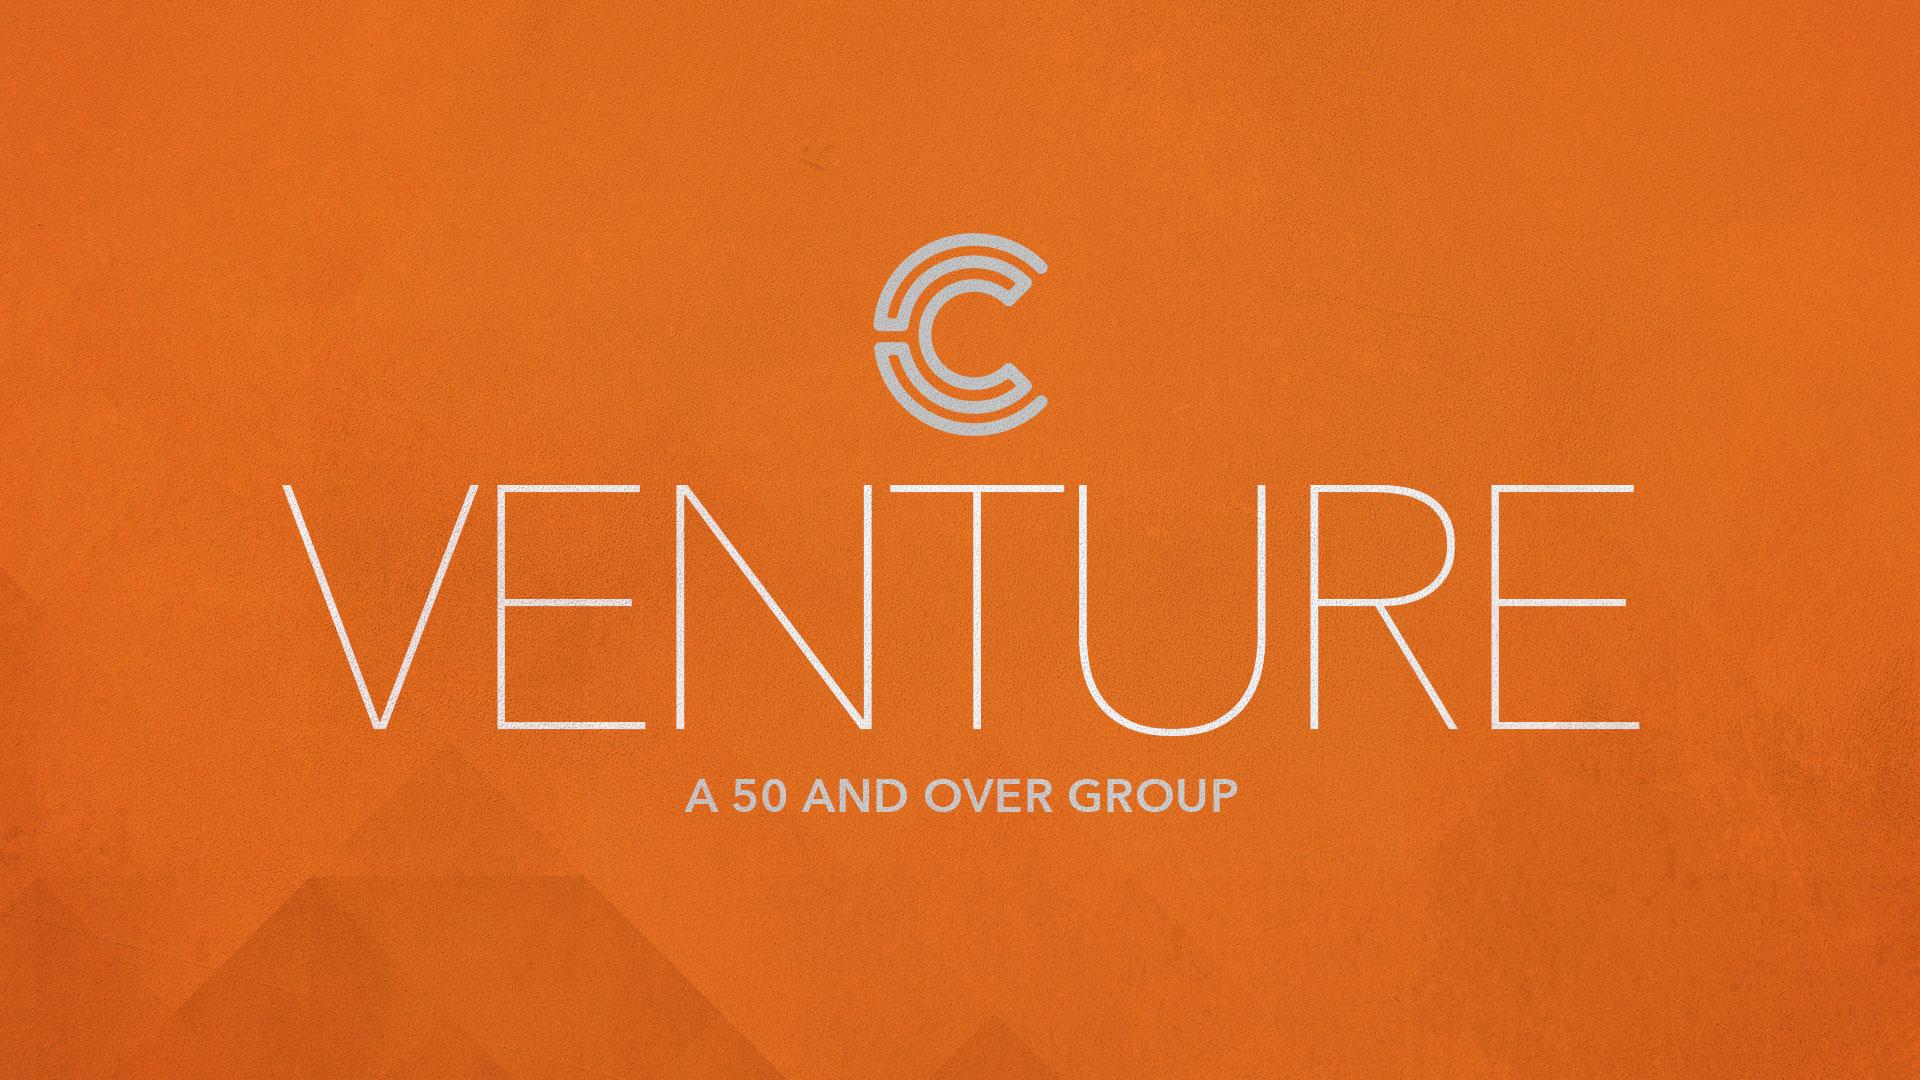 Venture: 50+